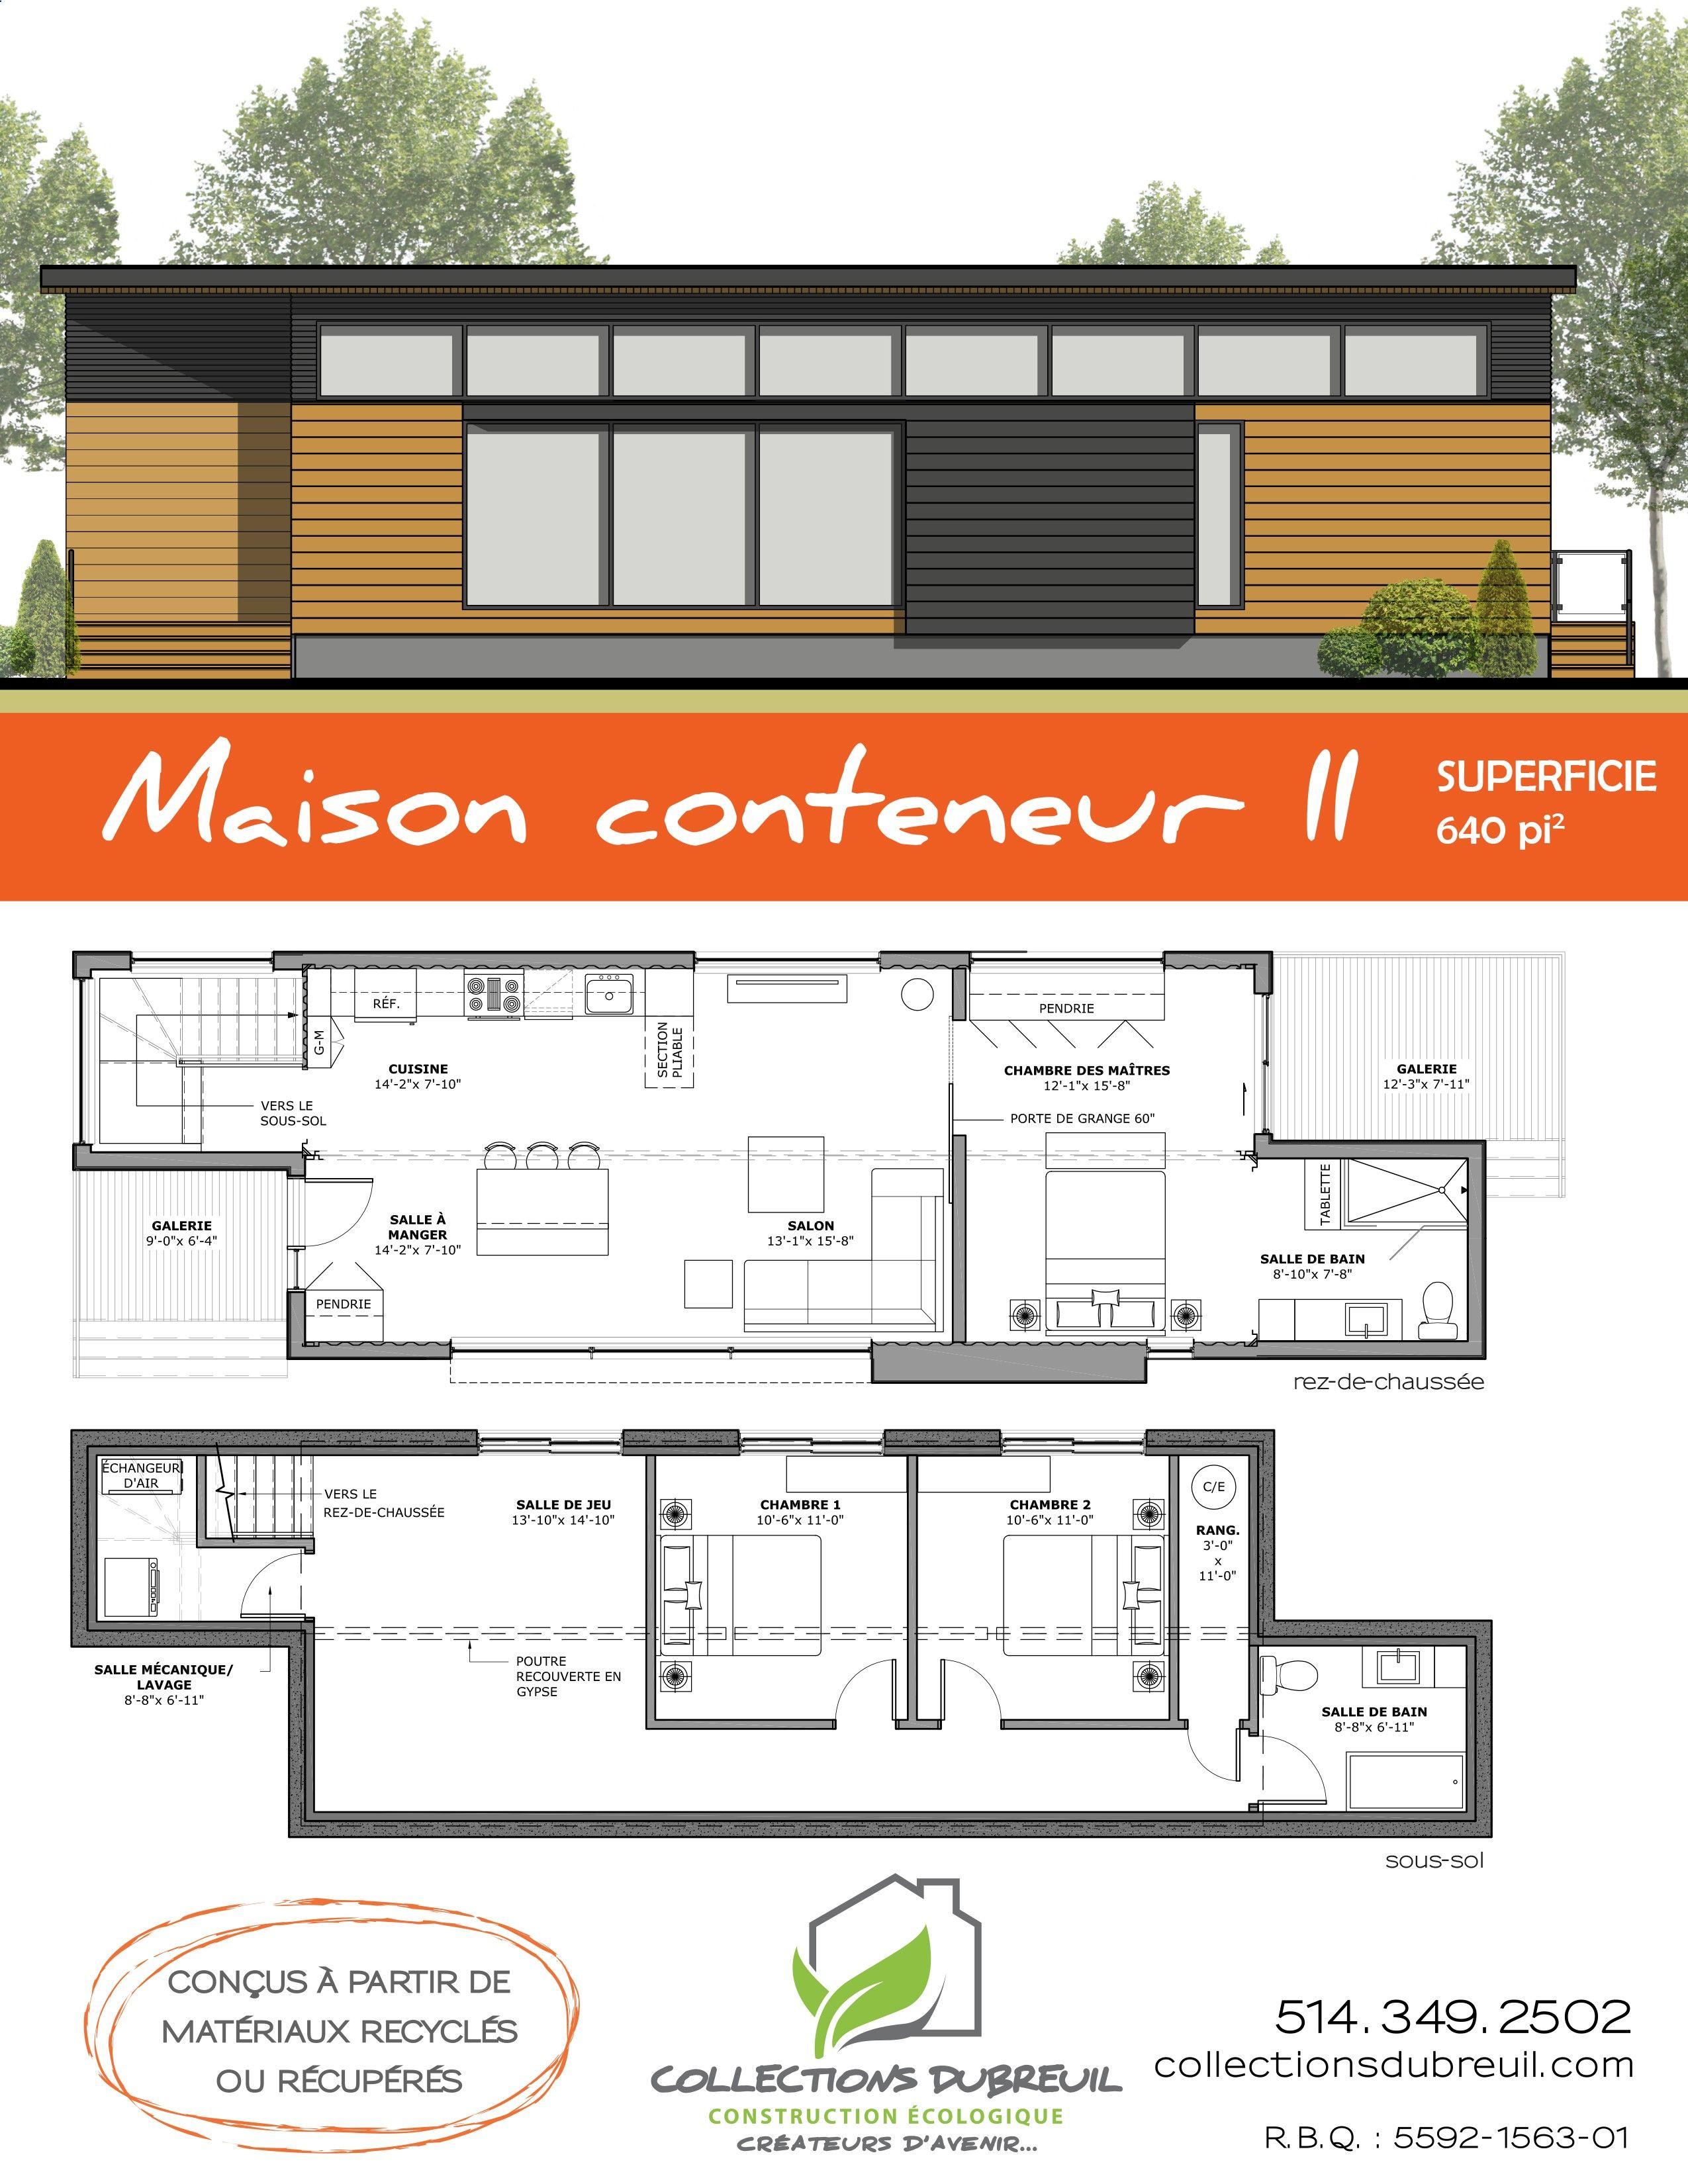 plan de maison r plus 2